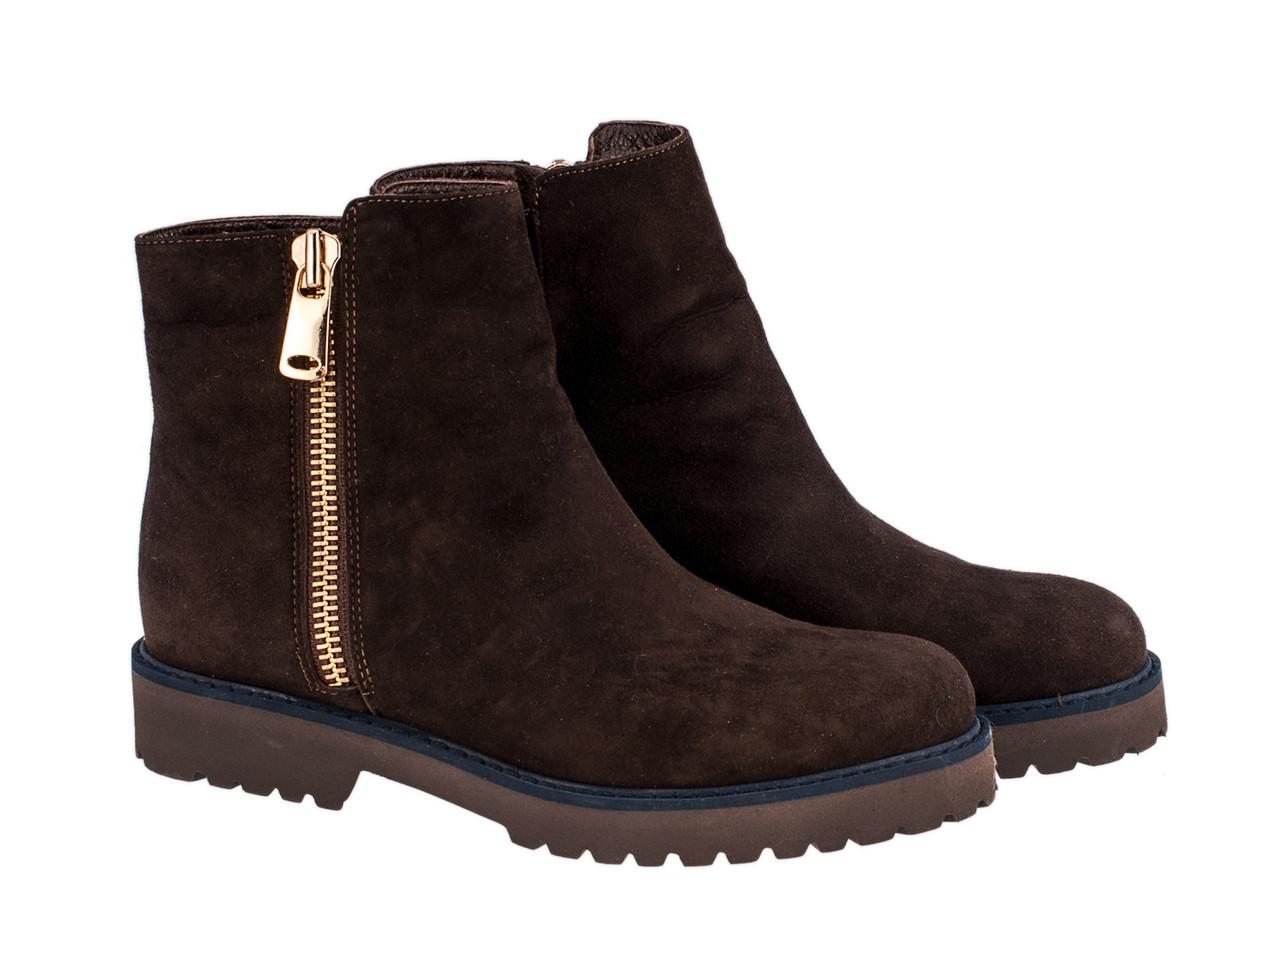 Ботинки Etor 5626-08421-1 36 коричневые